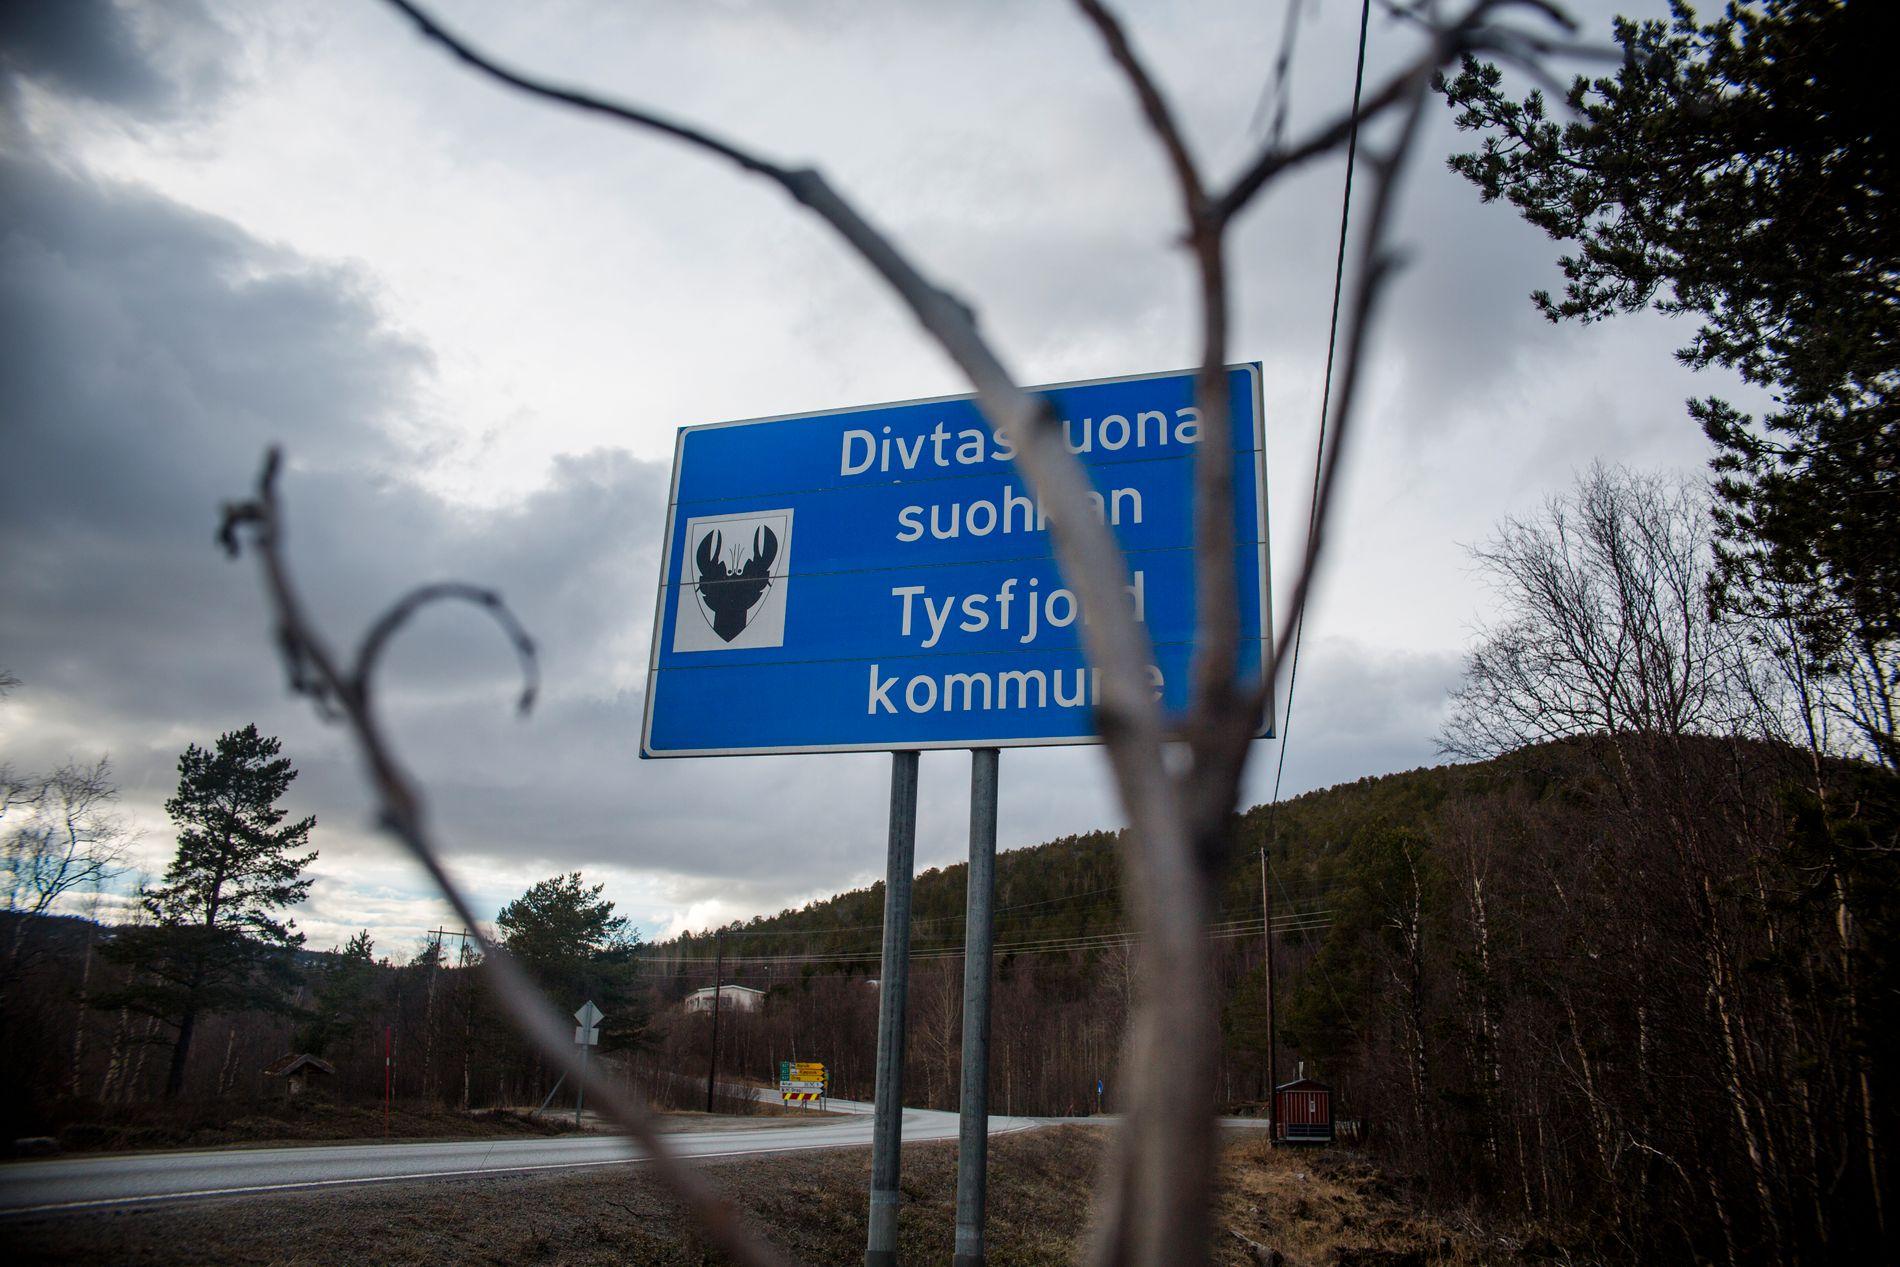 OVERGERP: 11 kvinner og menn fra samme kommune har fortalt VG om overgrep de skal ha blitt utsatt for i barndommen.